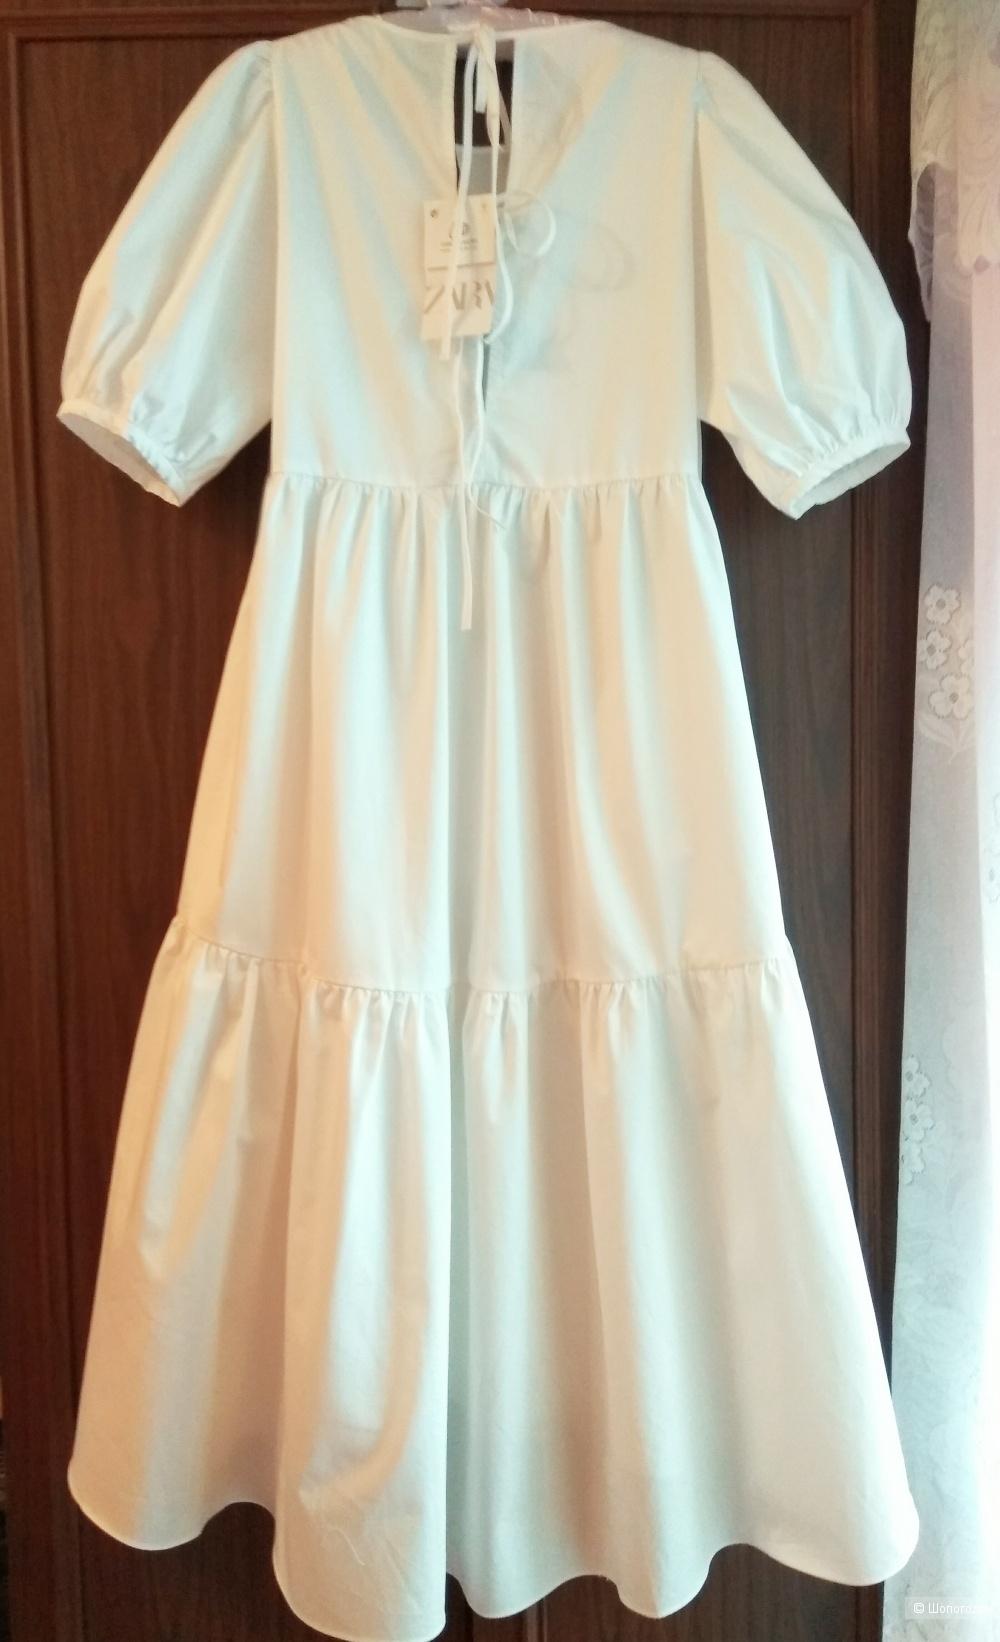 Новое платье Zara, размер М.